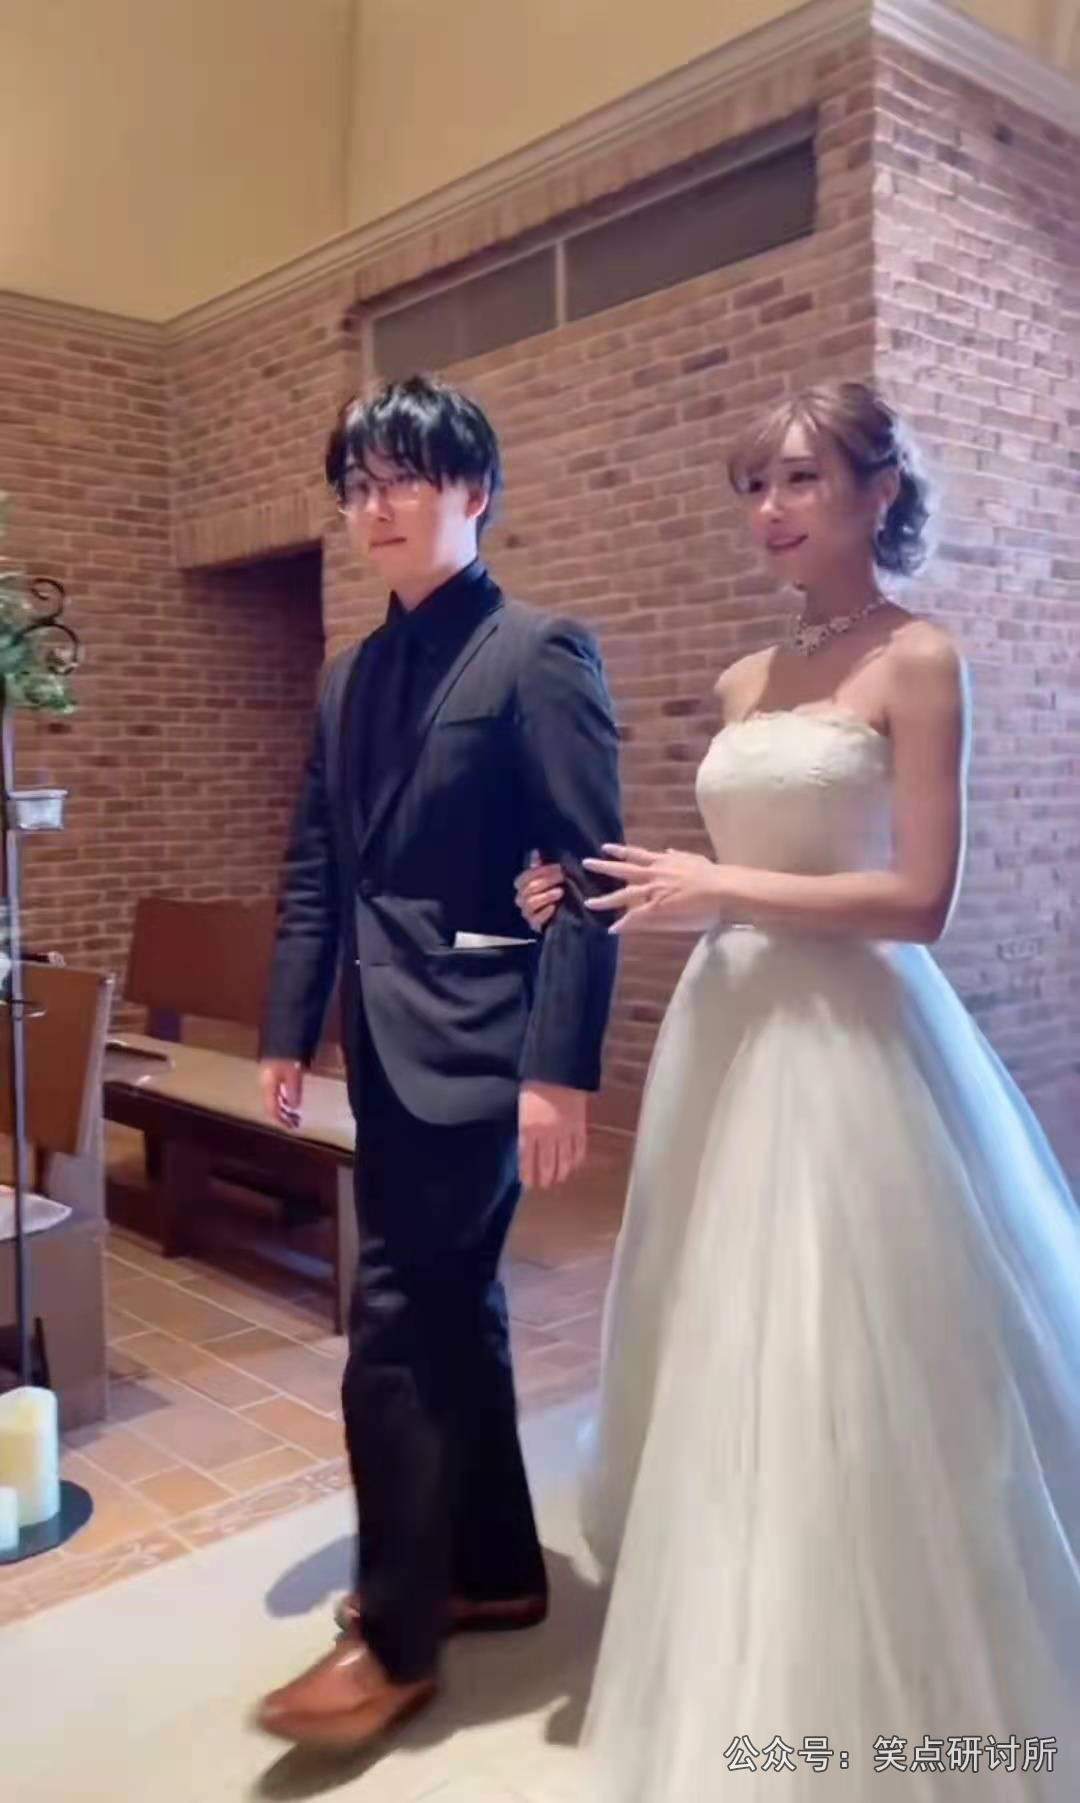 爷青结,明日花绮罗结婚嫁人了